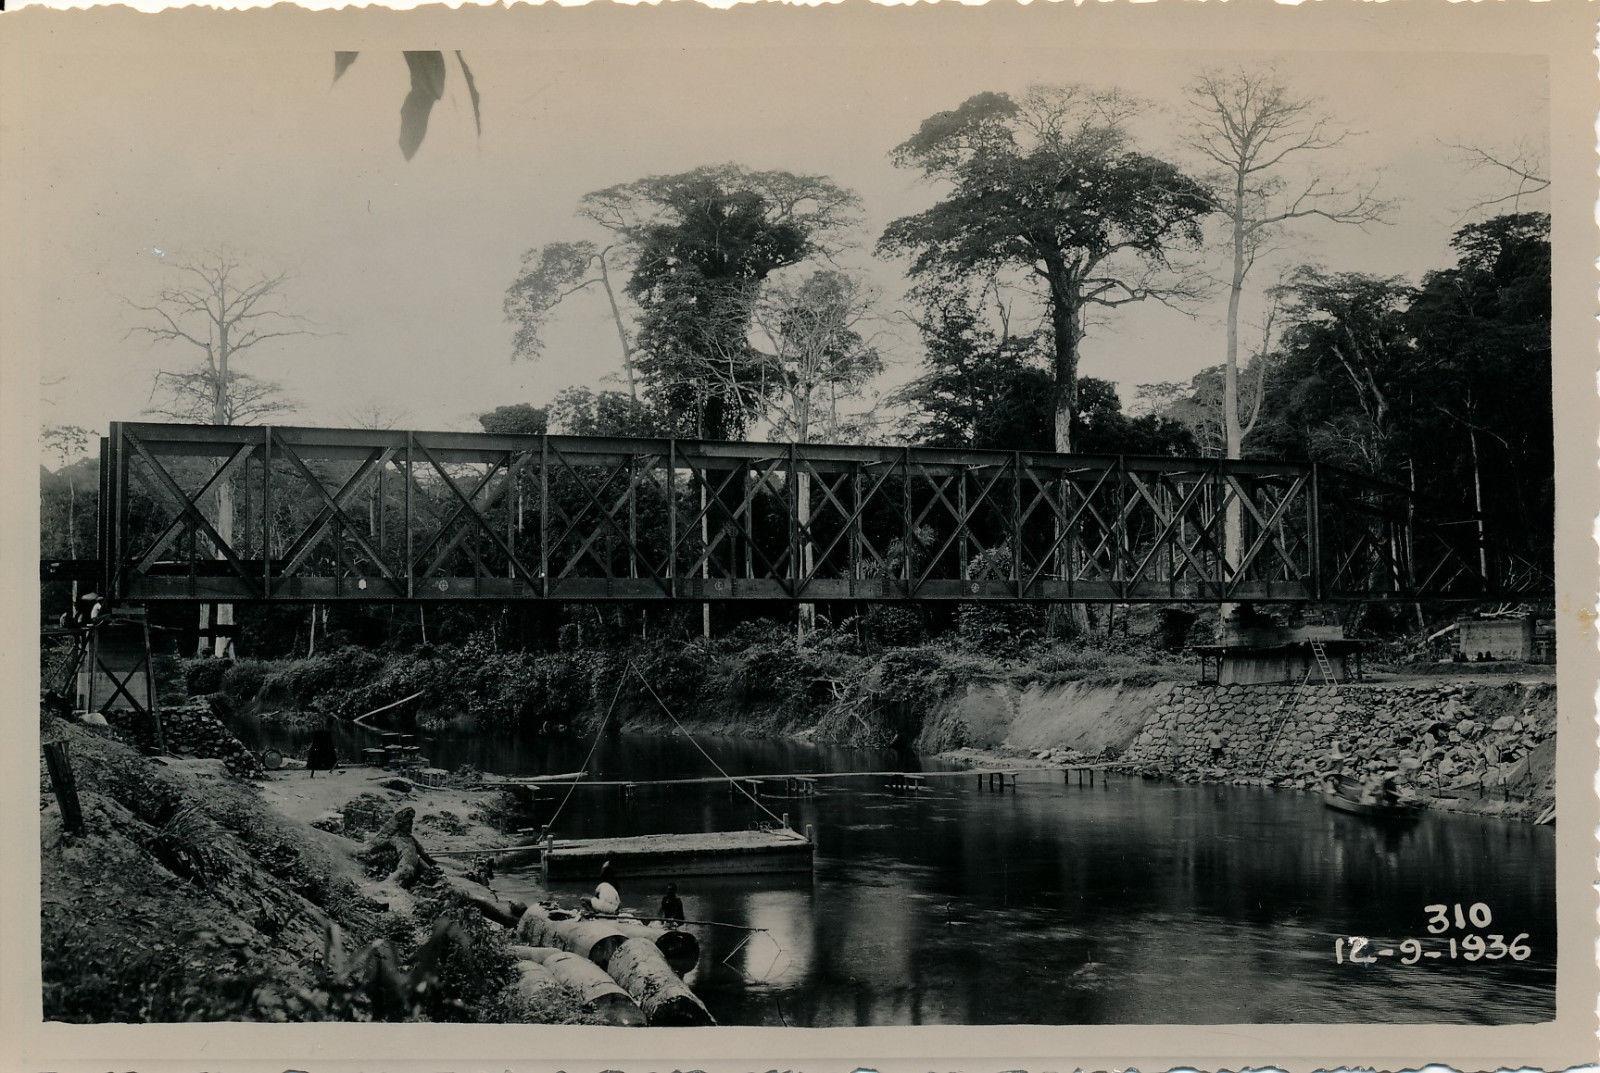 12.09.36. Строительство моста Ломе. 76 км.